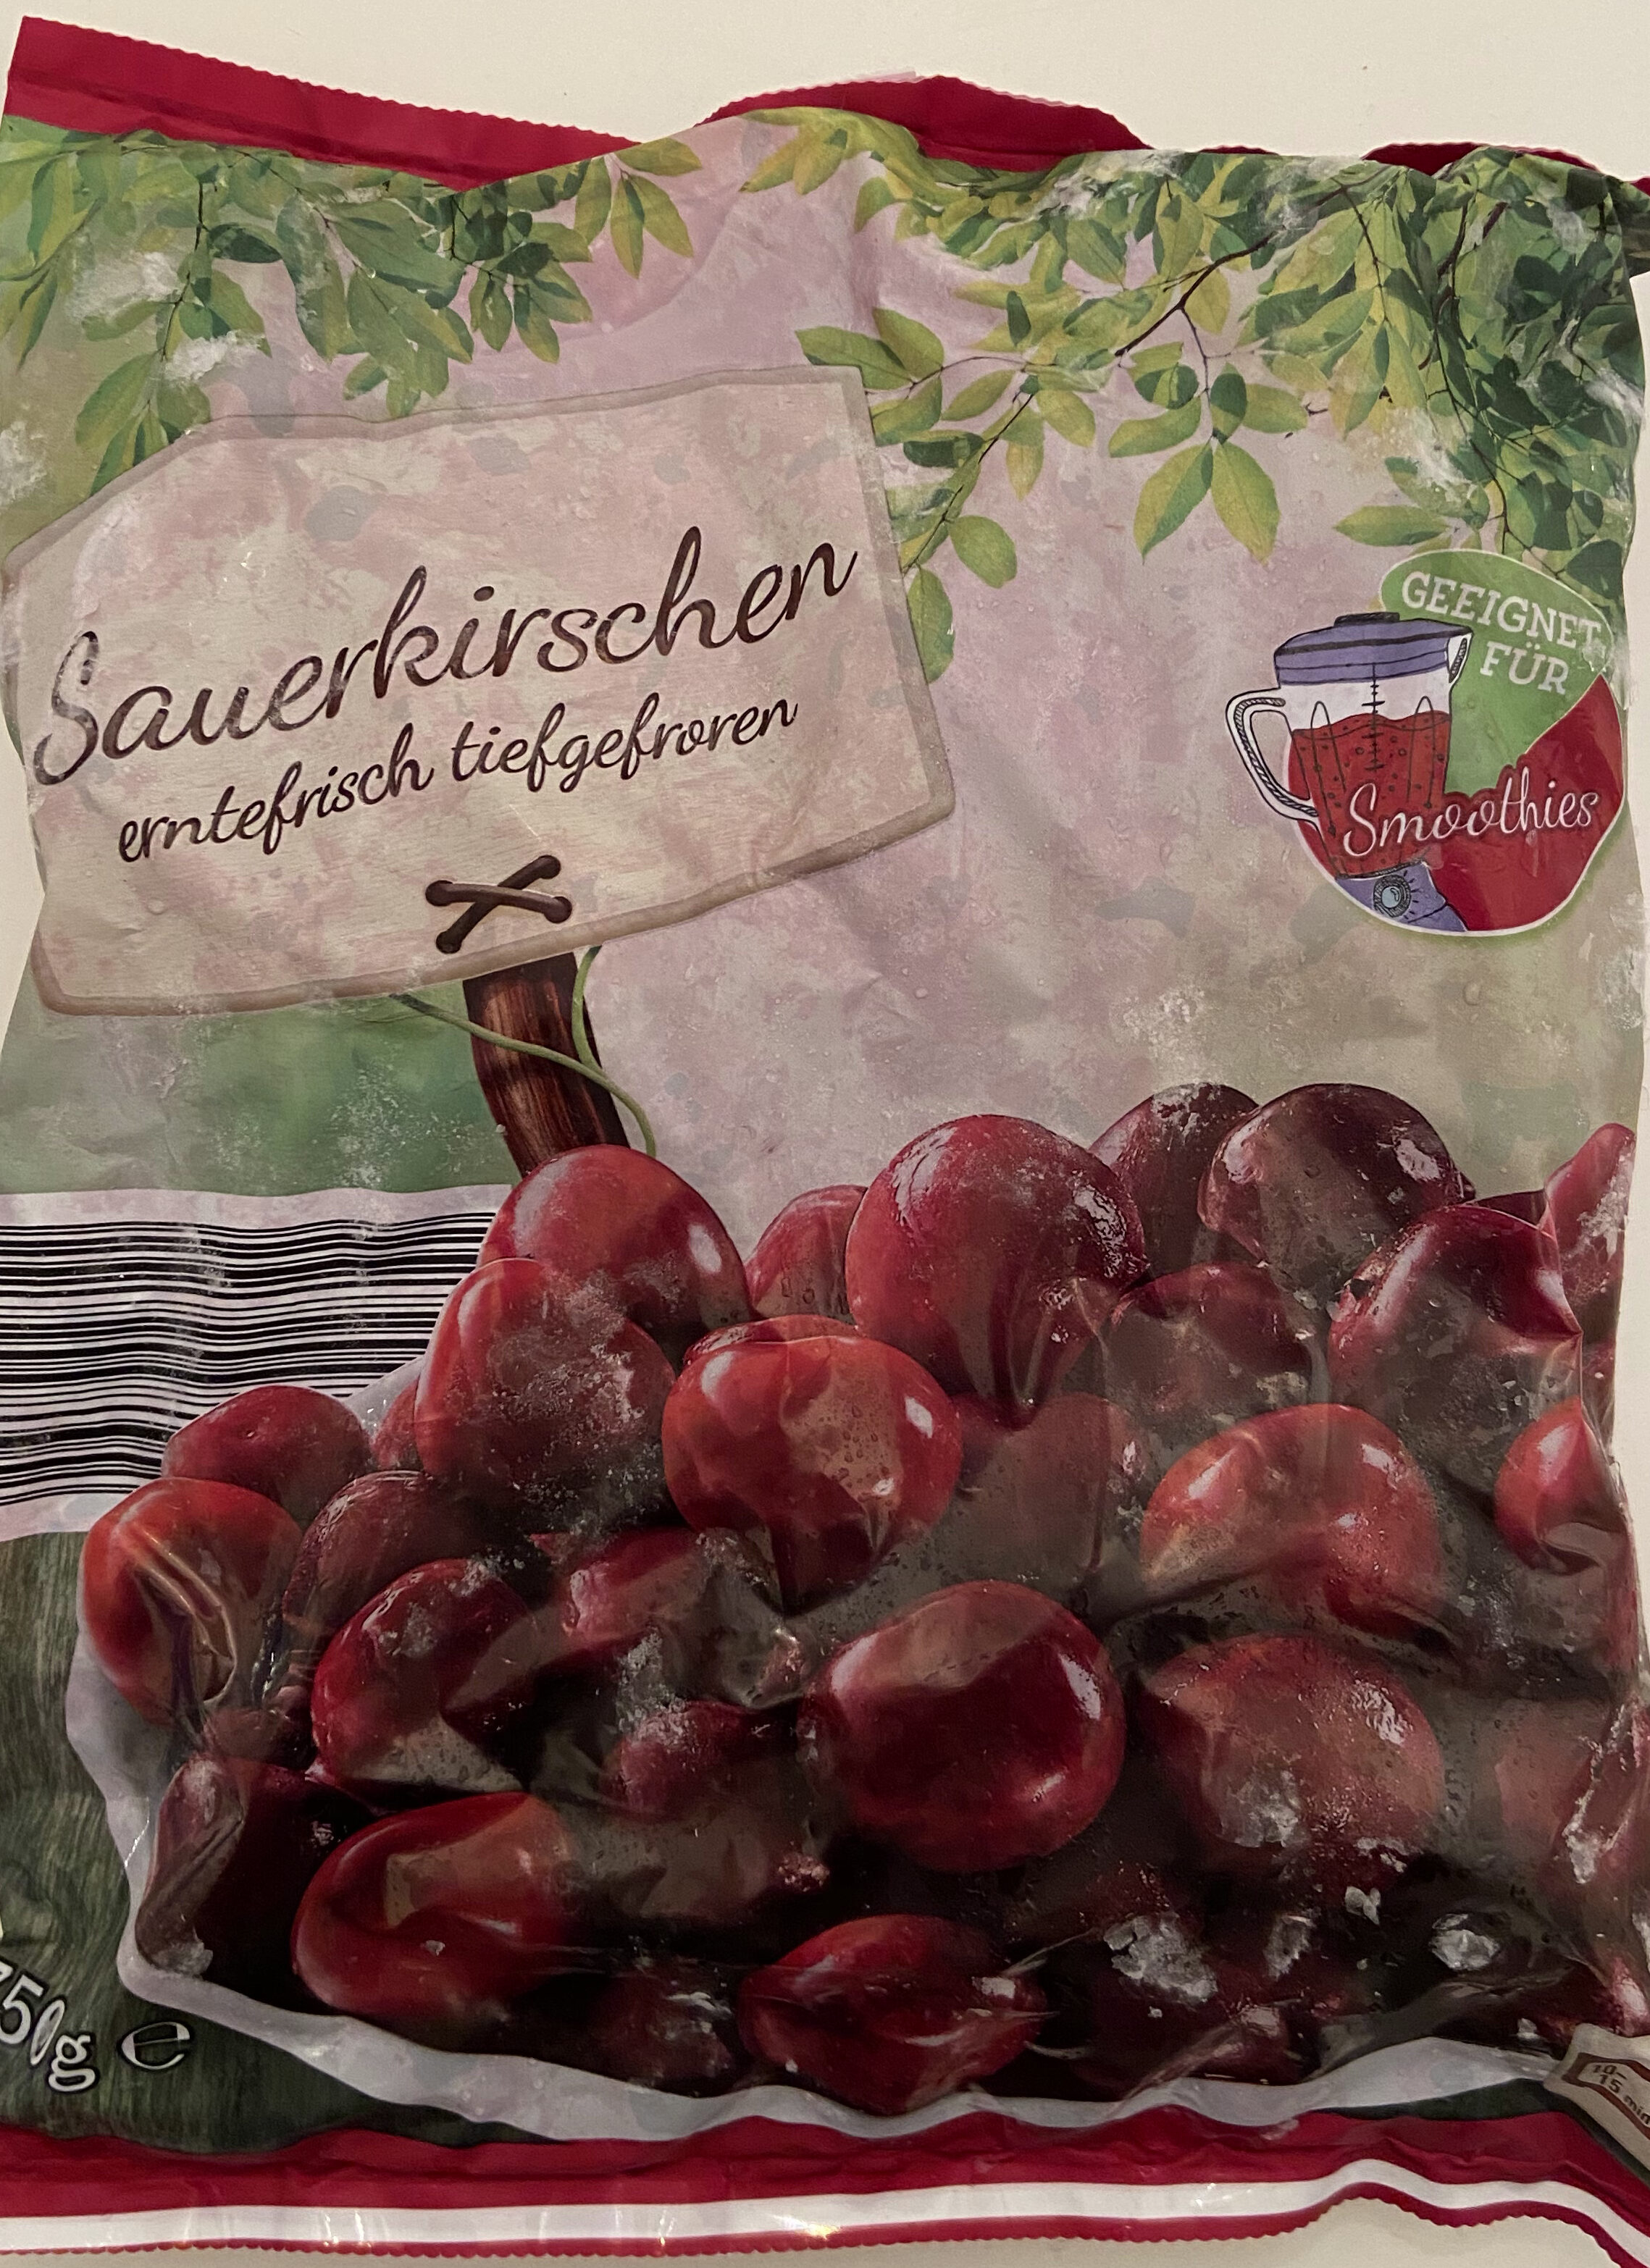 Sauerkirschen erntefrisch tiefgefroren - Product - de